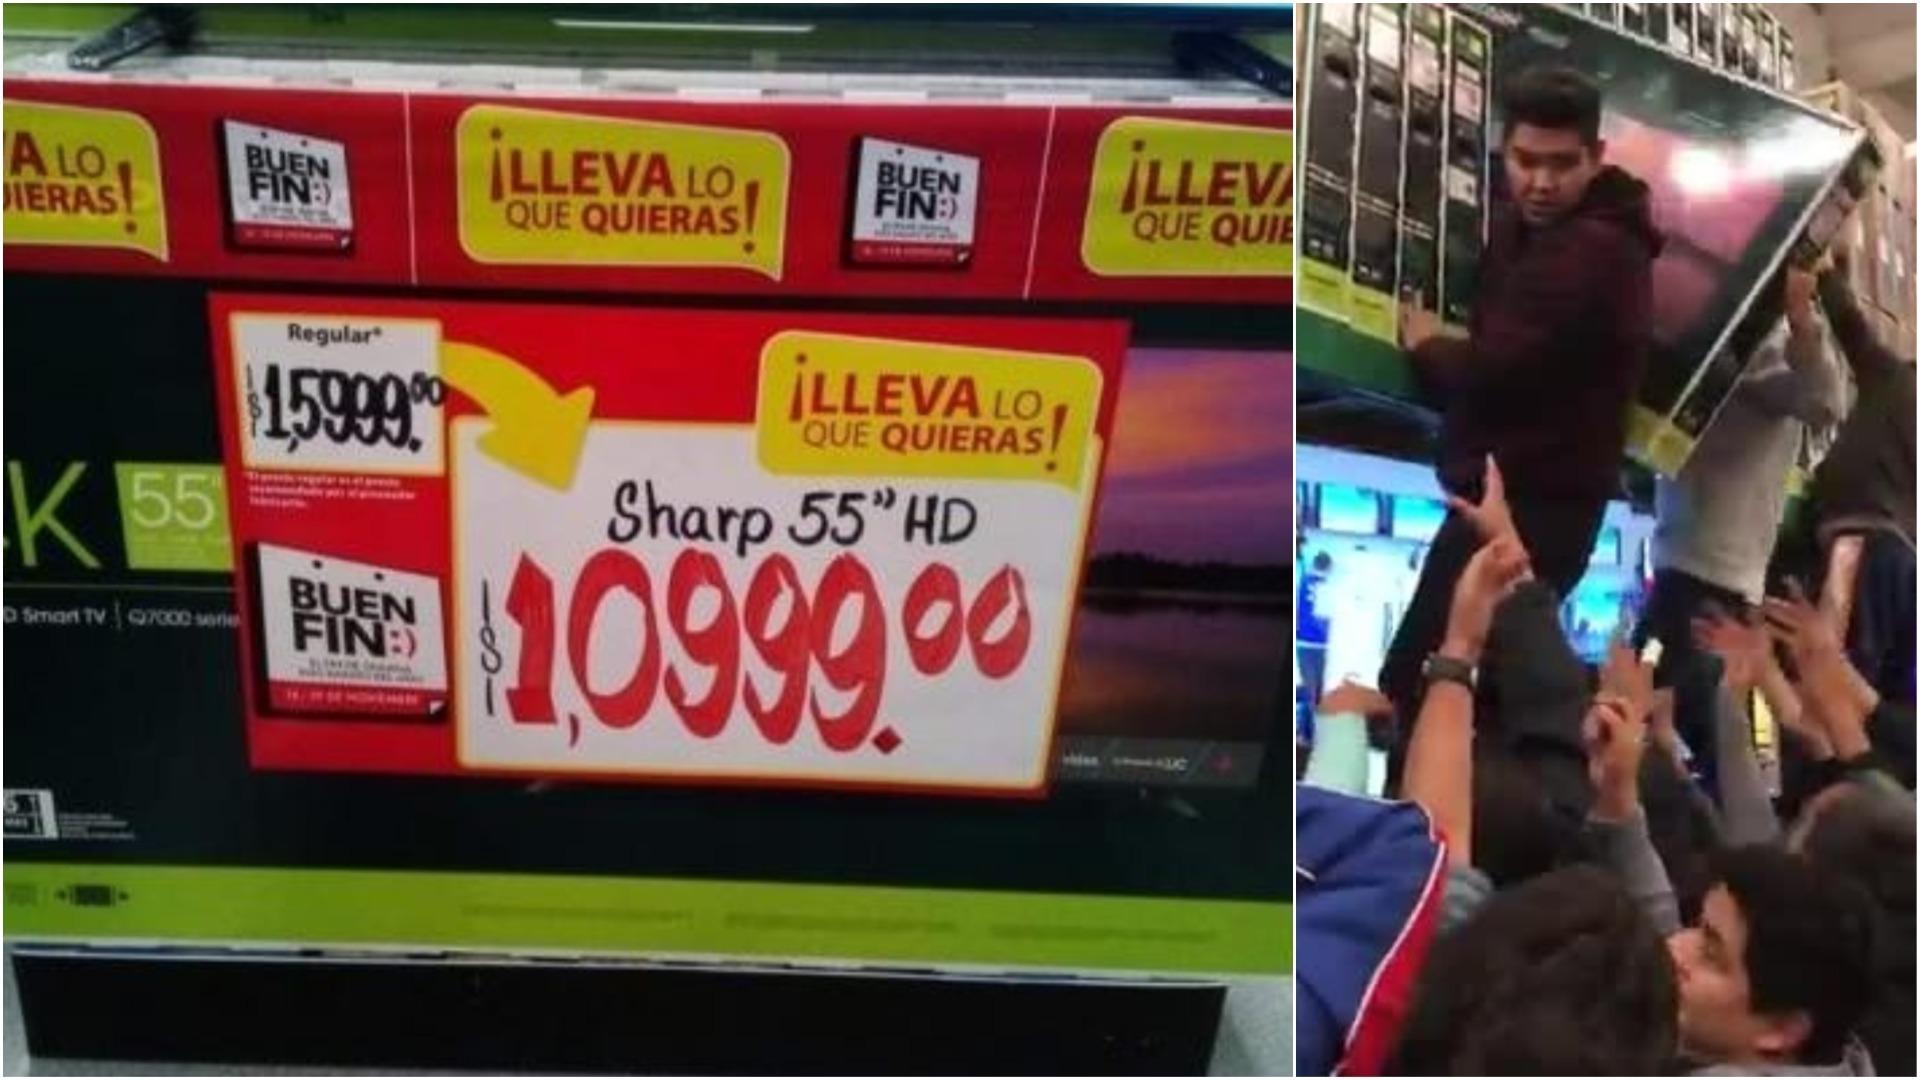 Los clientes lucharon para llevarse uno de los televisores con la oferta surgida de un error.